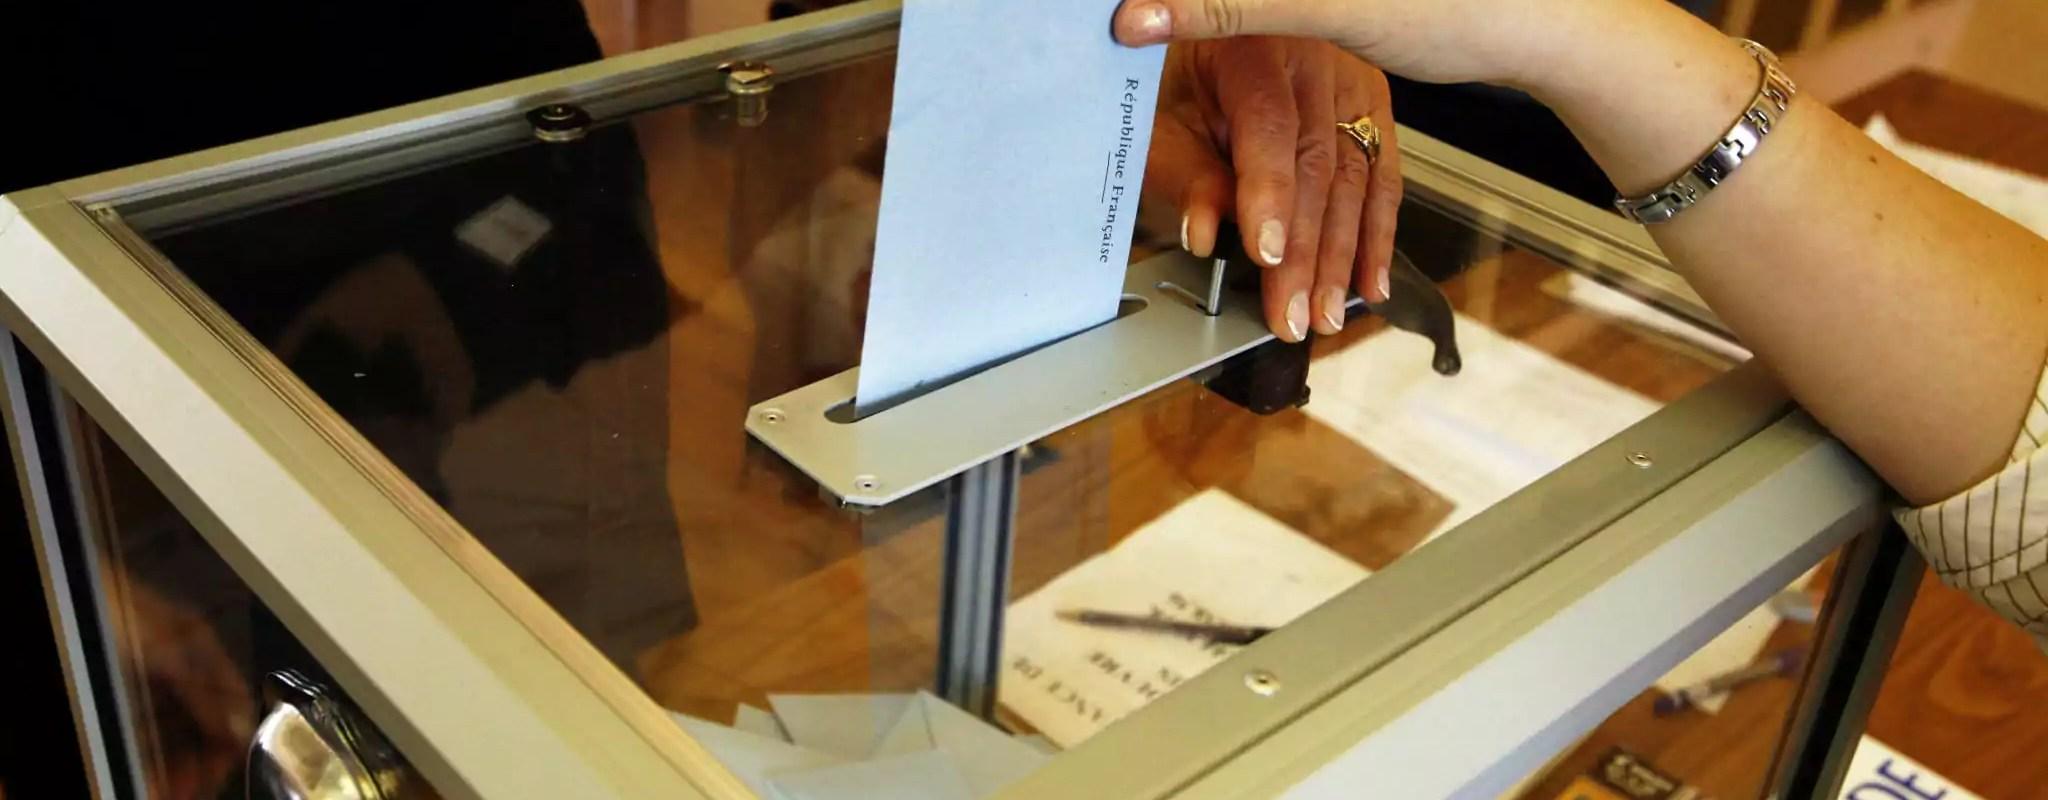 Douzième vote depuis octobre, quel sens lui donner à l'avenir?